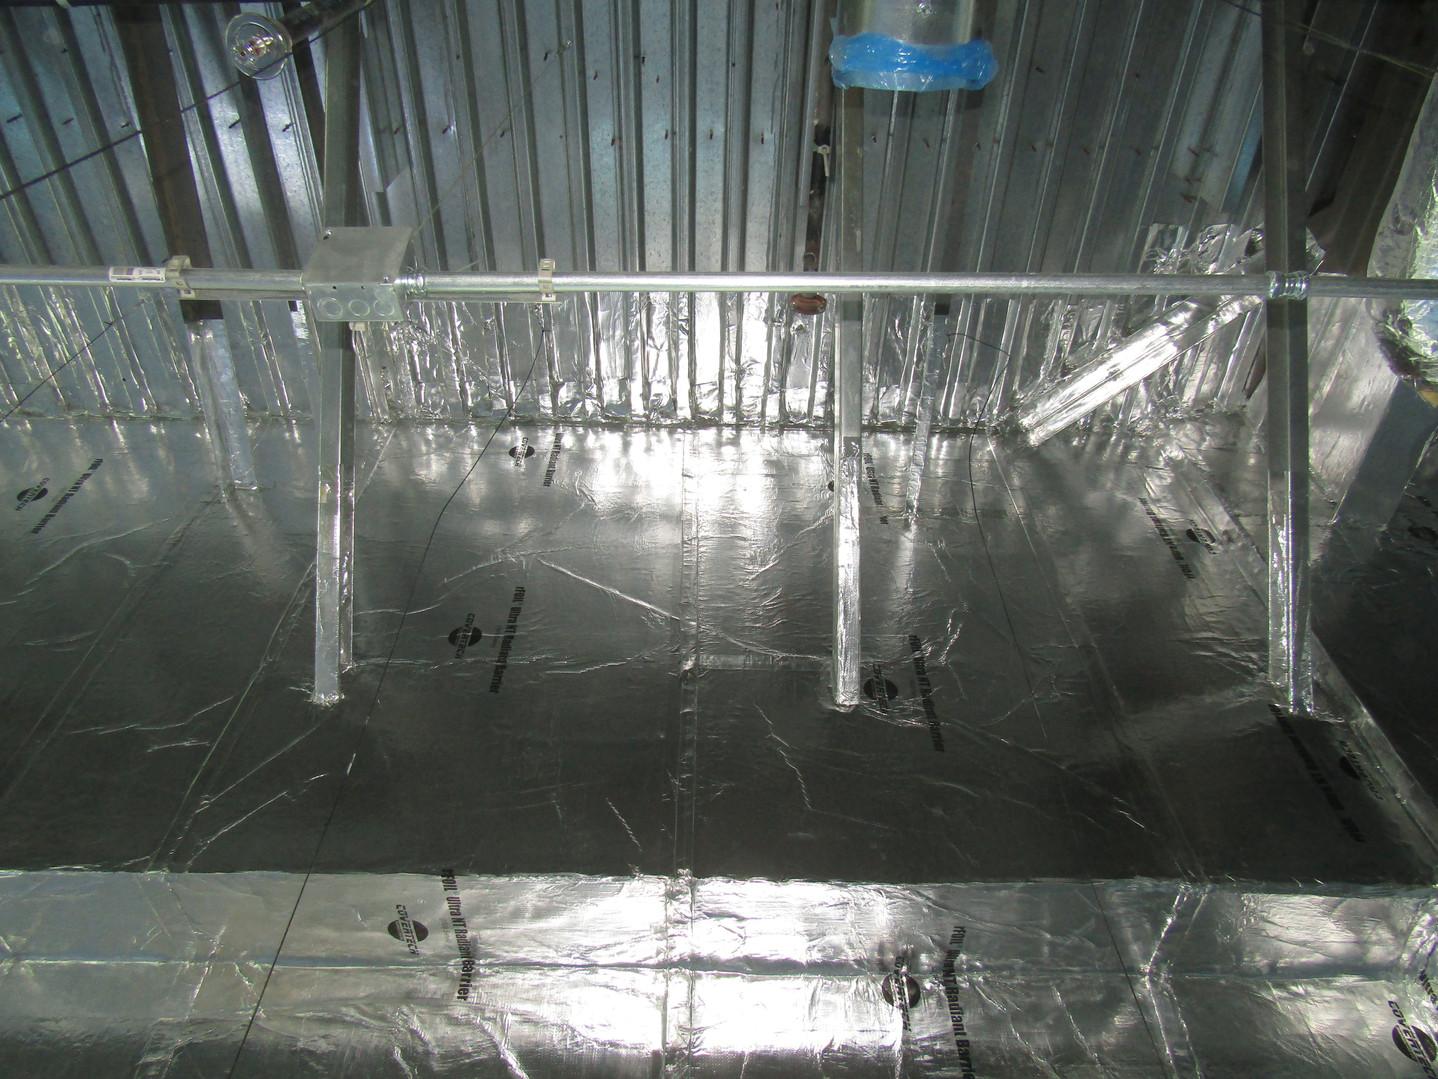 FOIL at Ceiling  IMG_1840.JPG